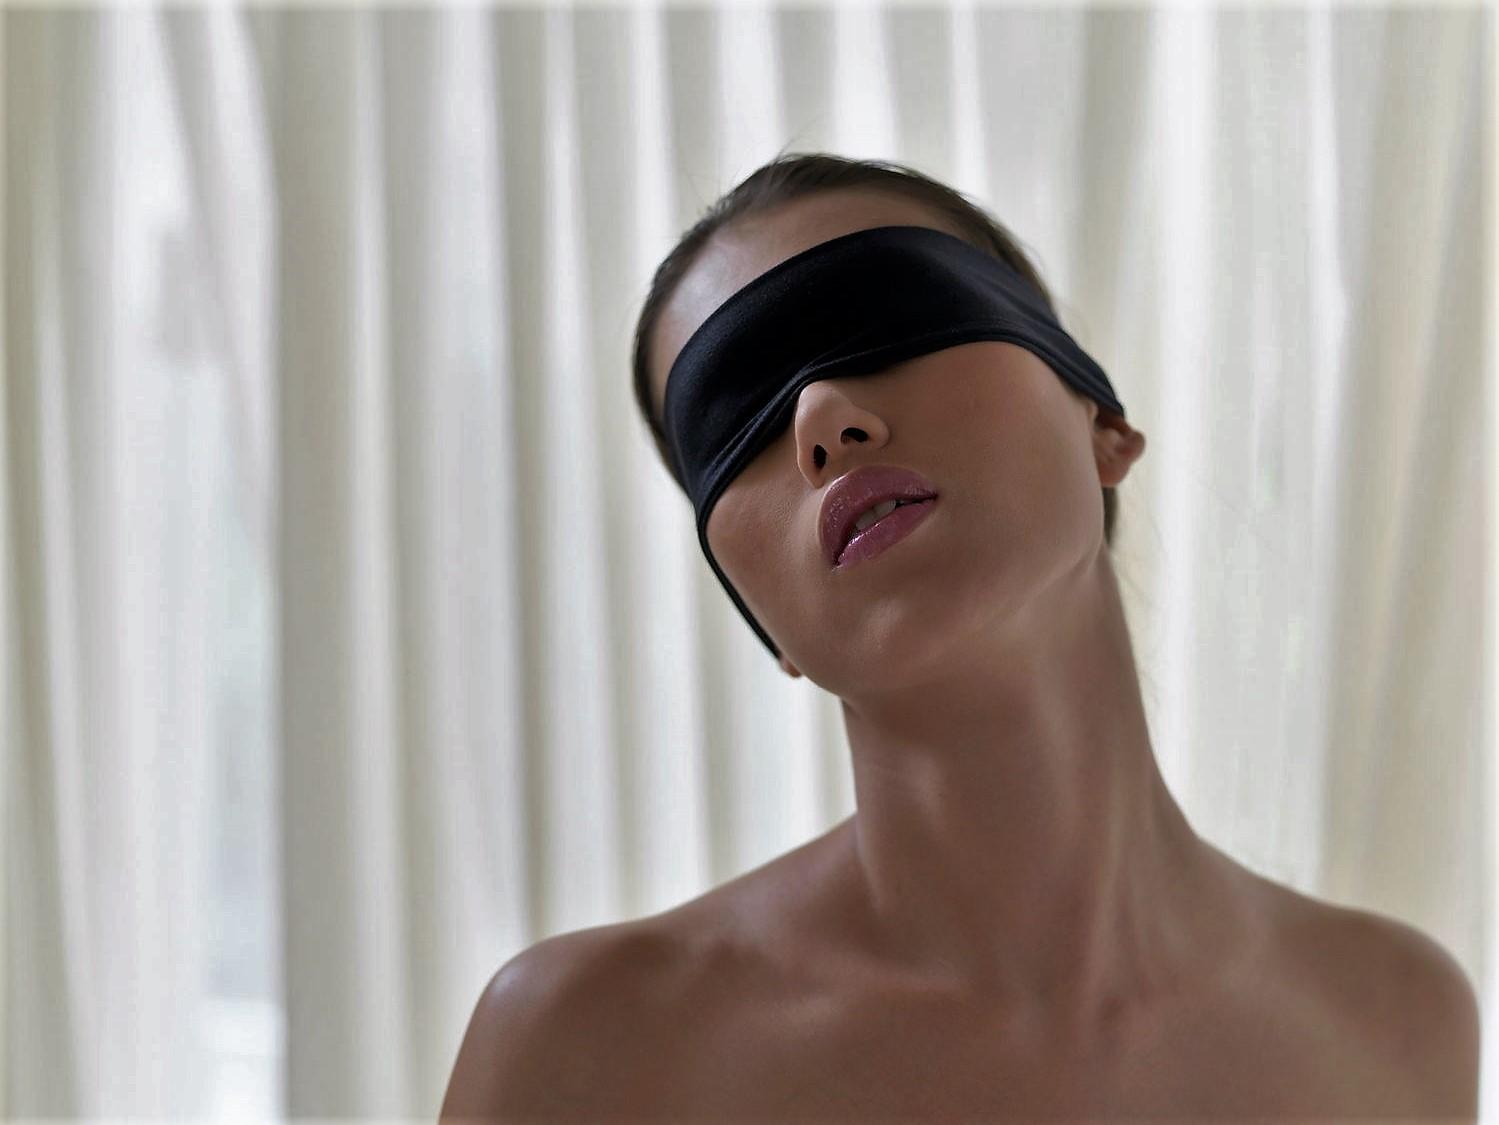 Blindfolding